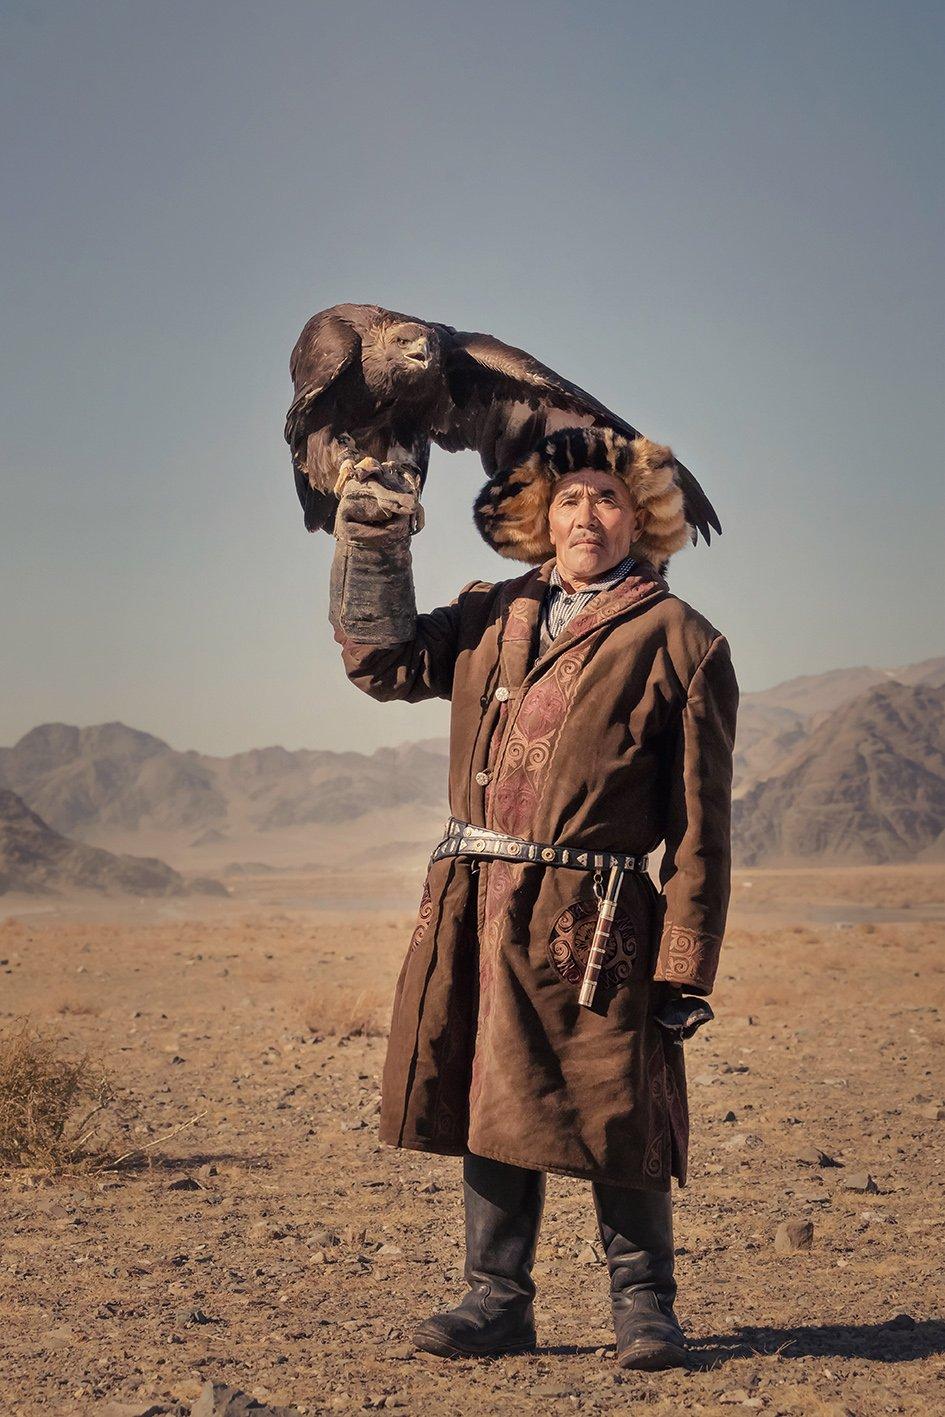 golden еagle festival, монголия, mongolia, беркутчи, фестиваль золотого орла, охотник с орлом, Татьяна Ефименко